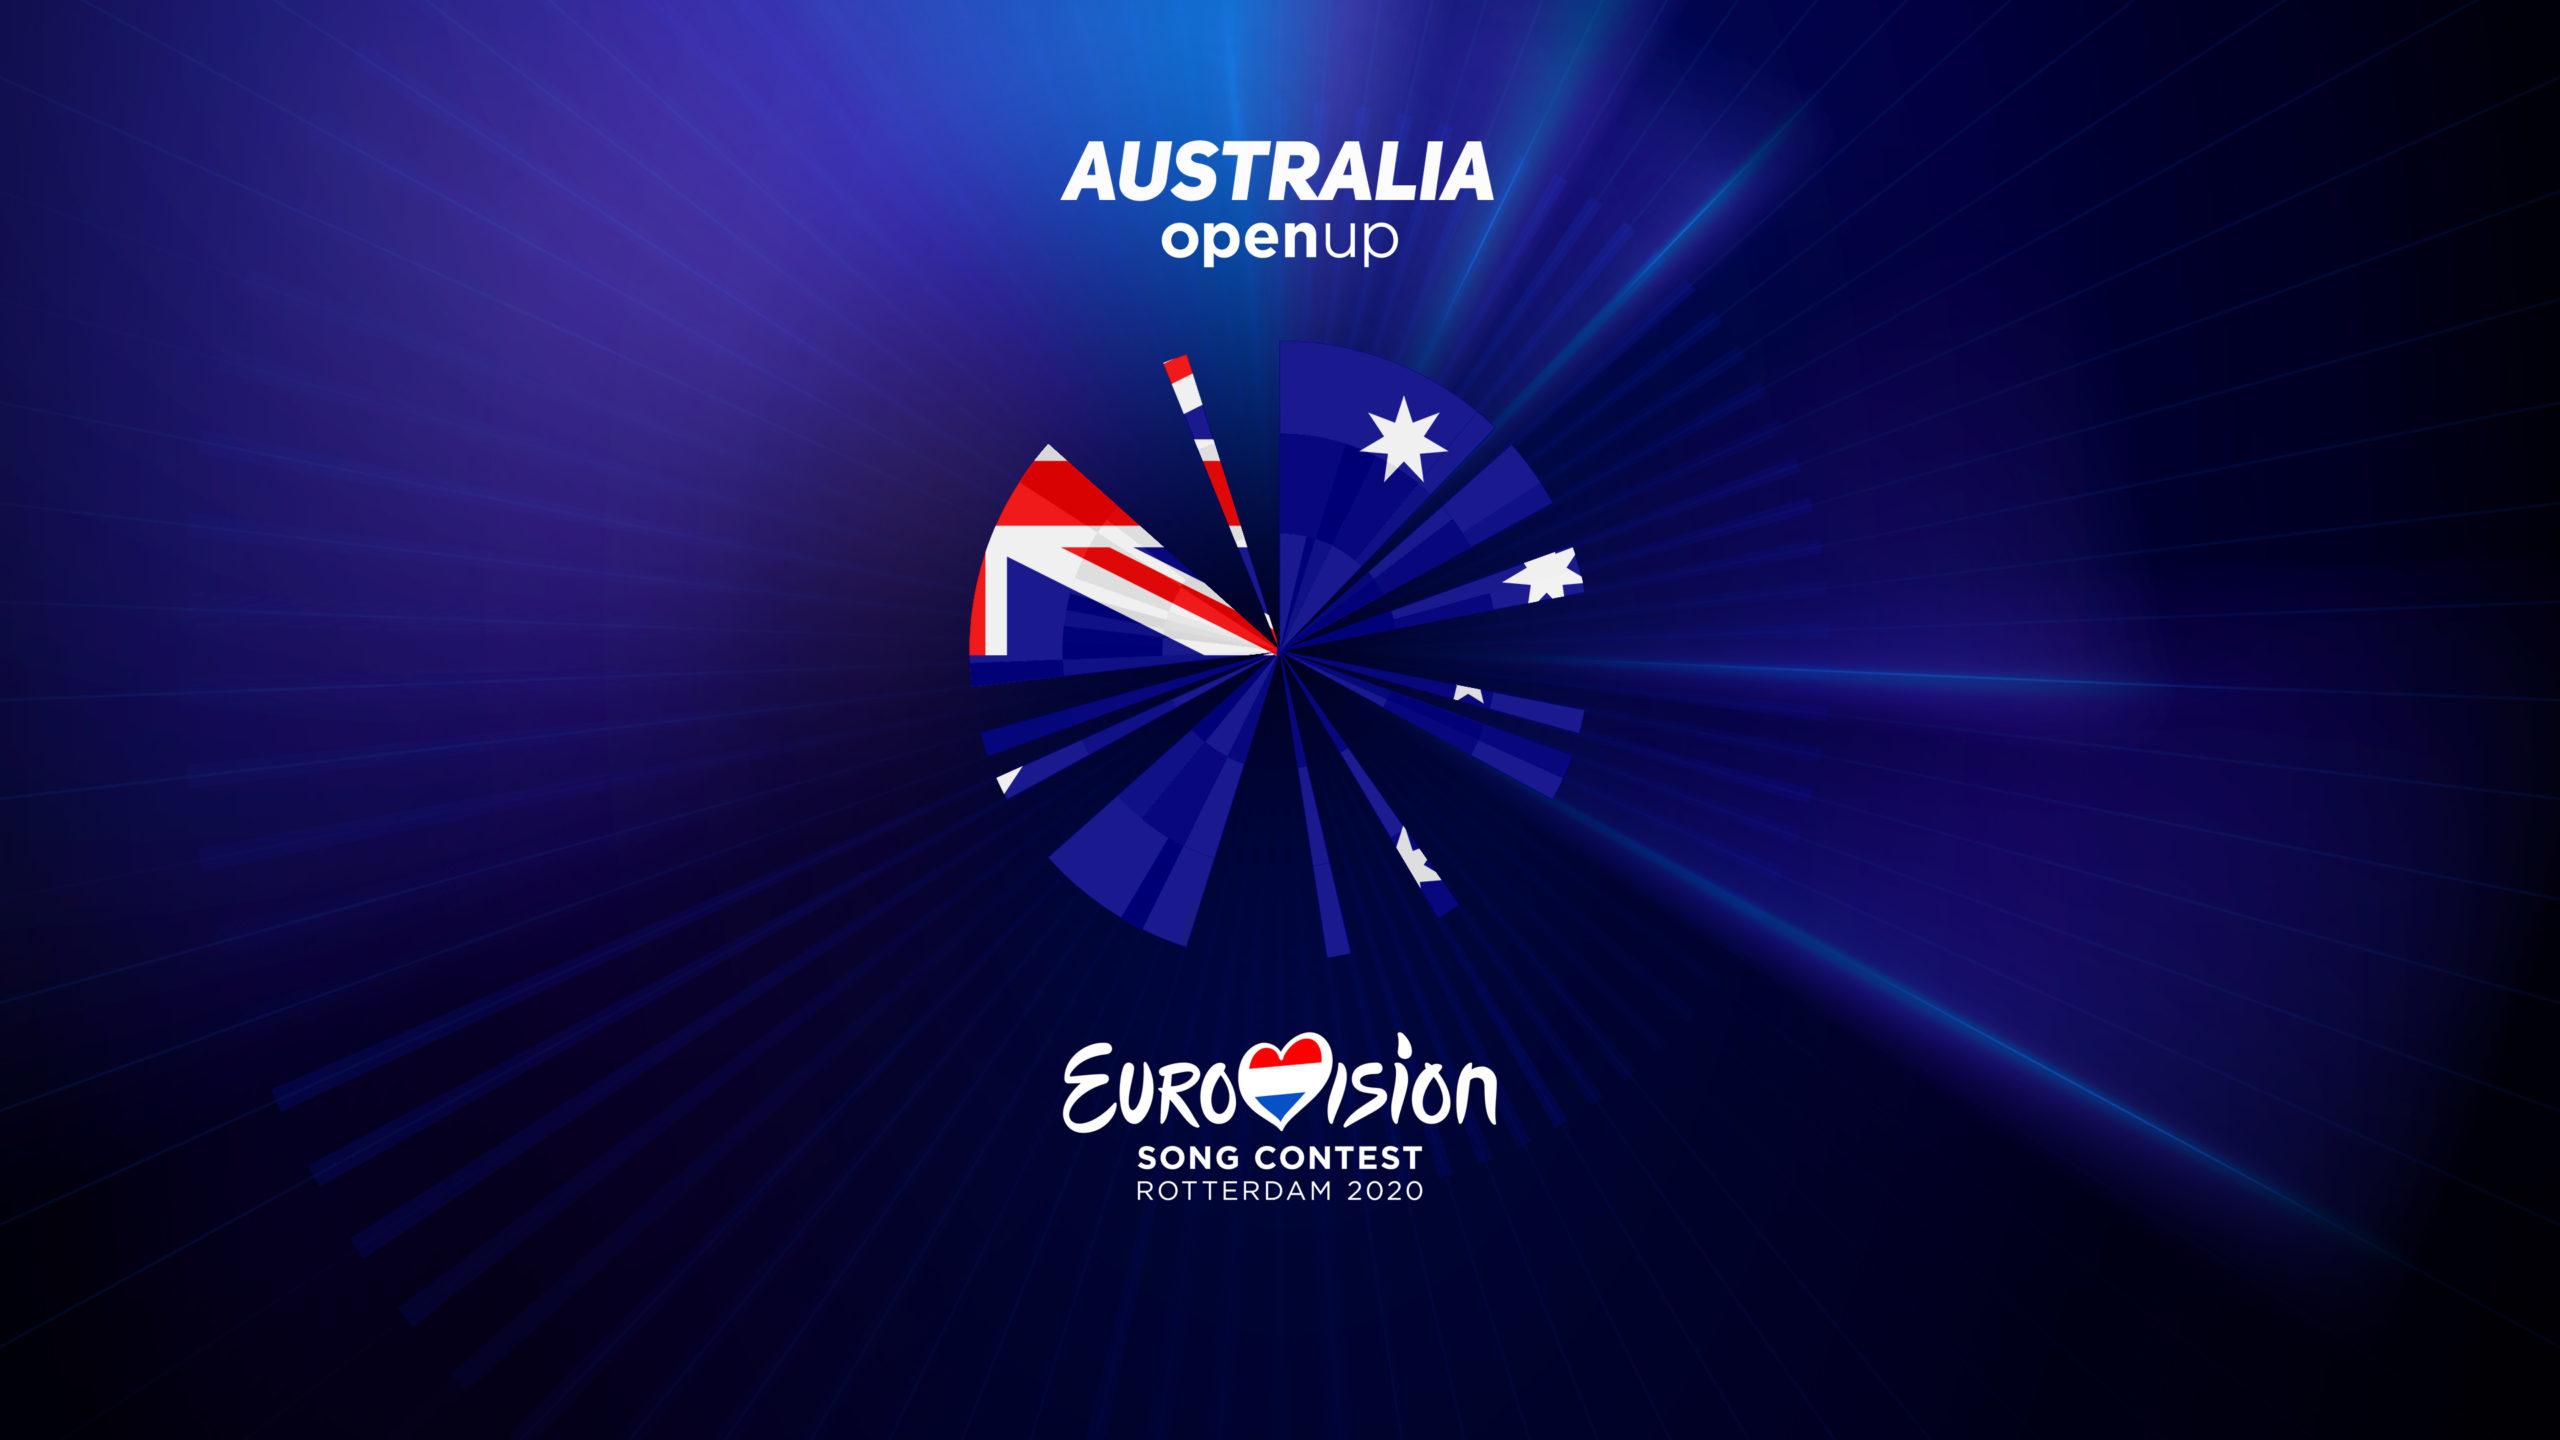 Australia-scaled.jpg